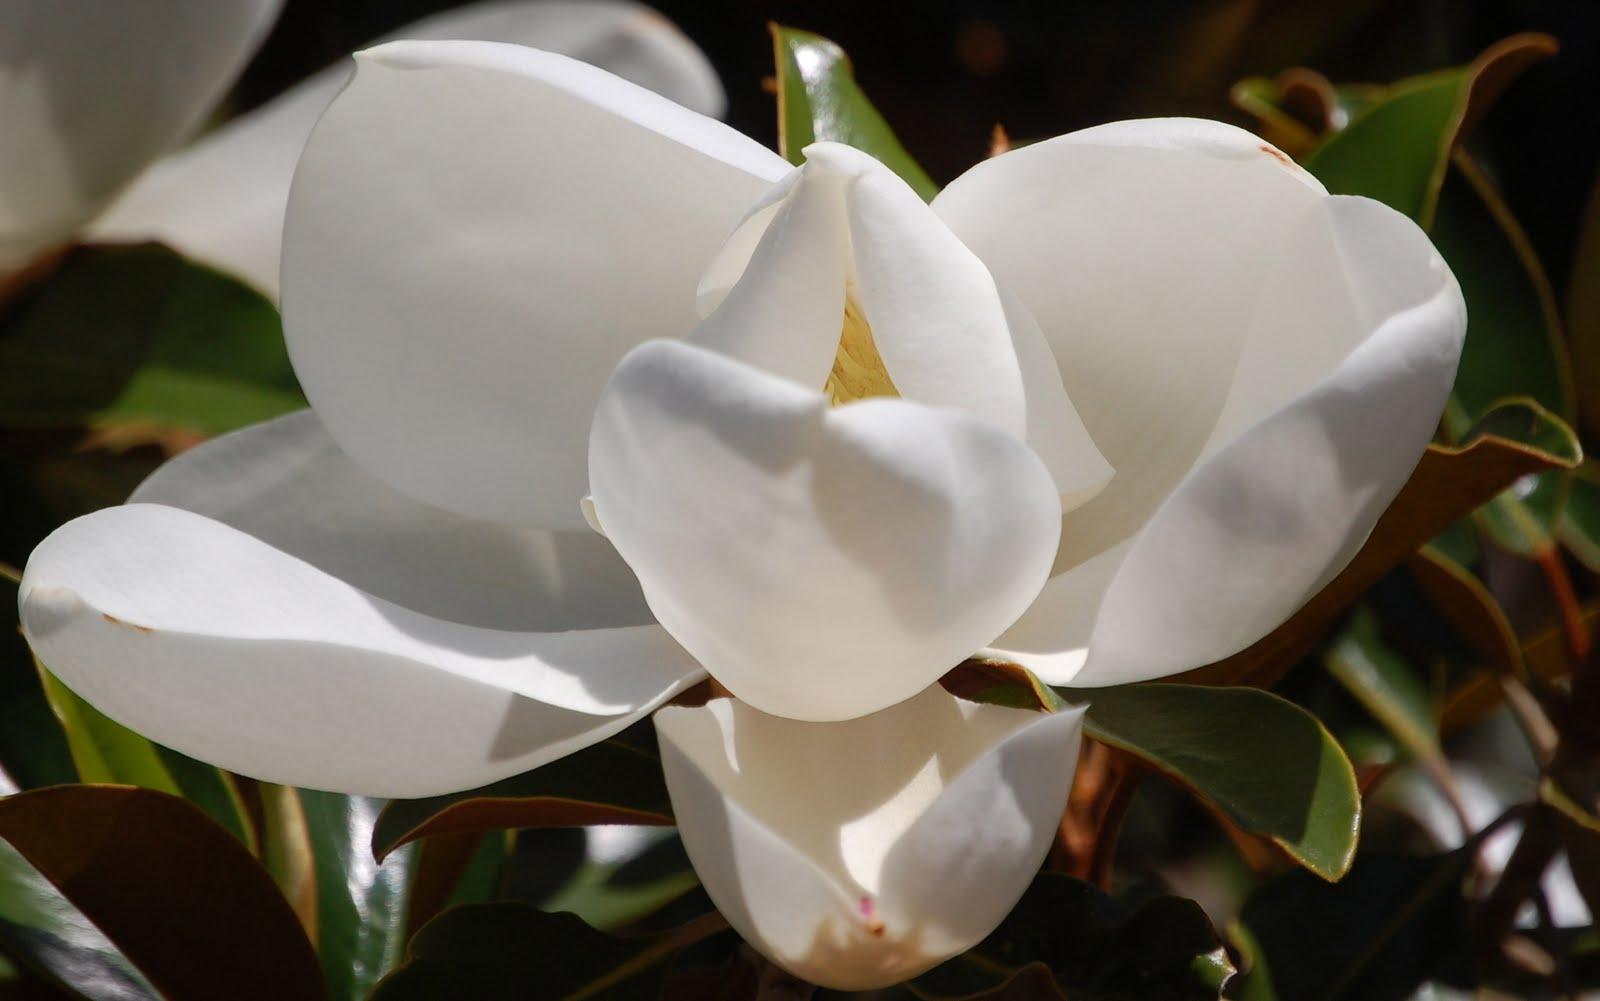 Simple white magnolia